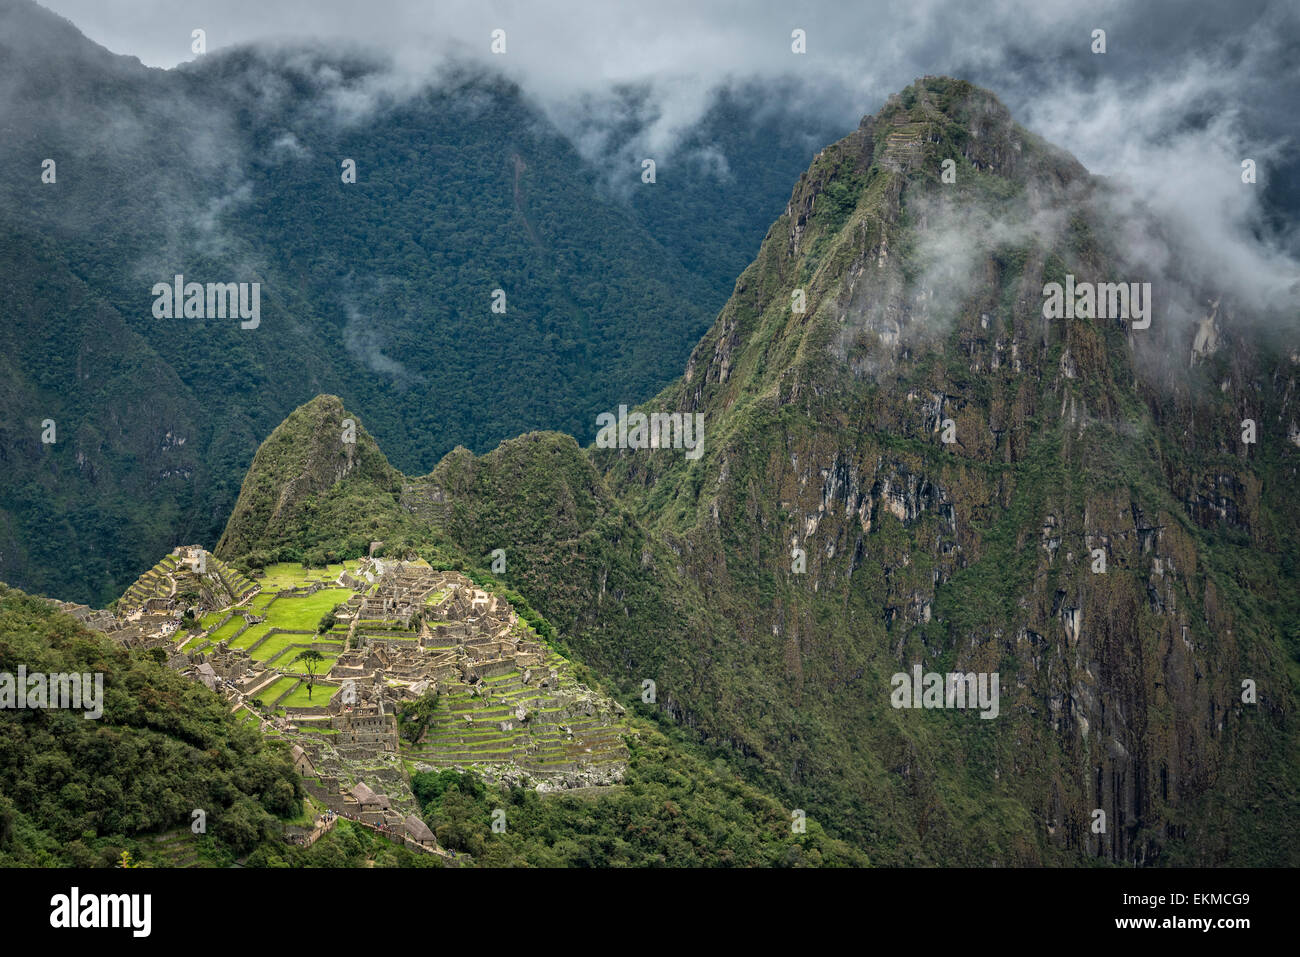 Machu Picchu and Huayna Picchu Peak from the Inca Trail below Sun Gate; Machu Picchu, Peru. - Stock Image